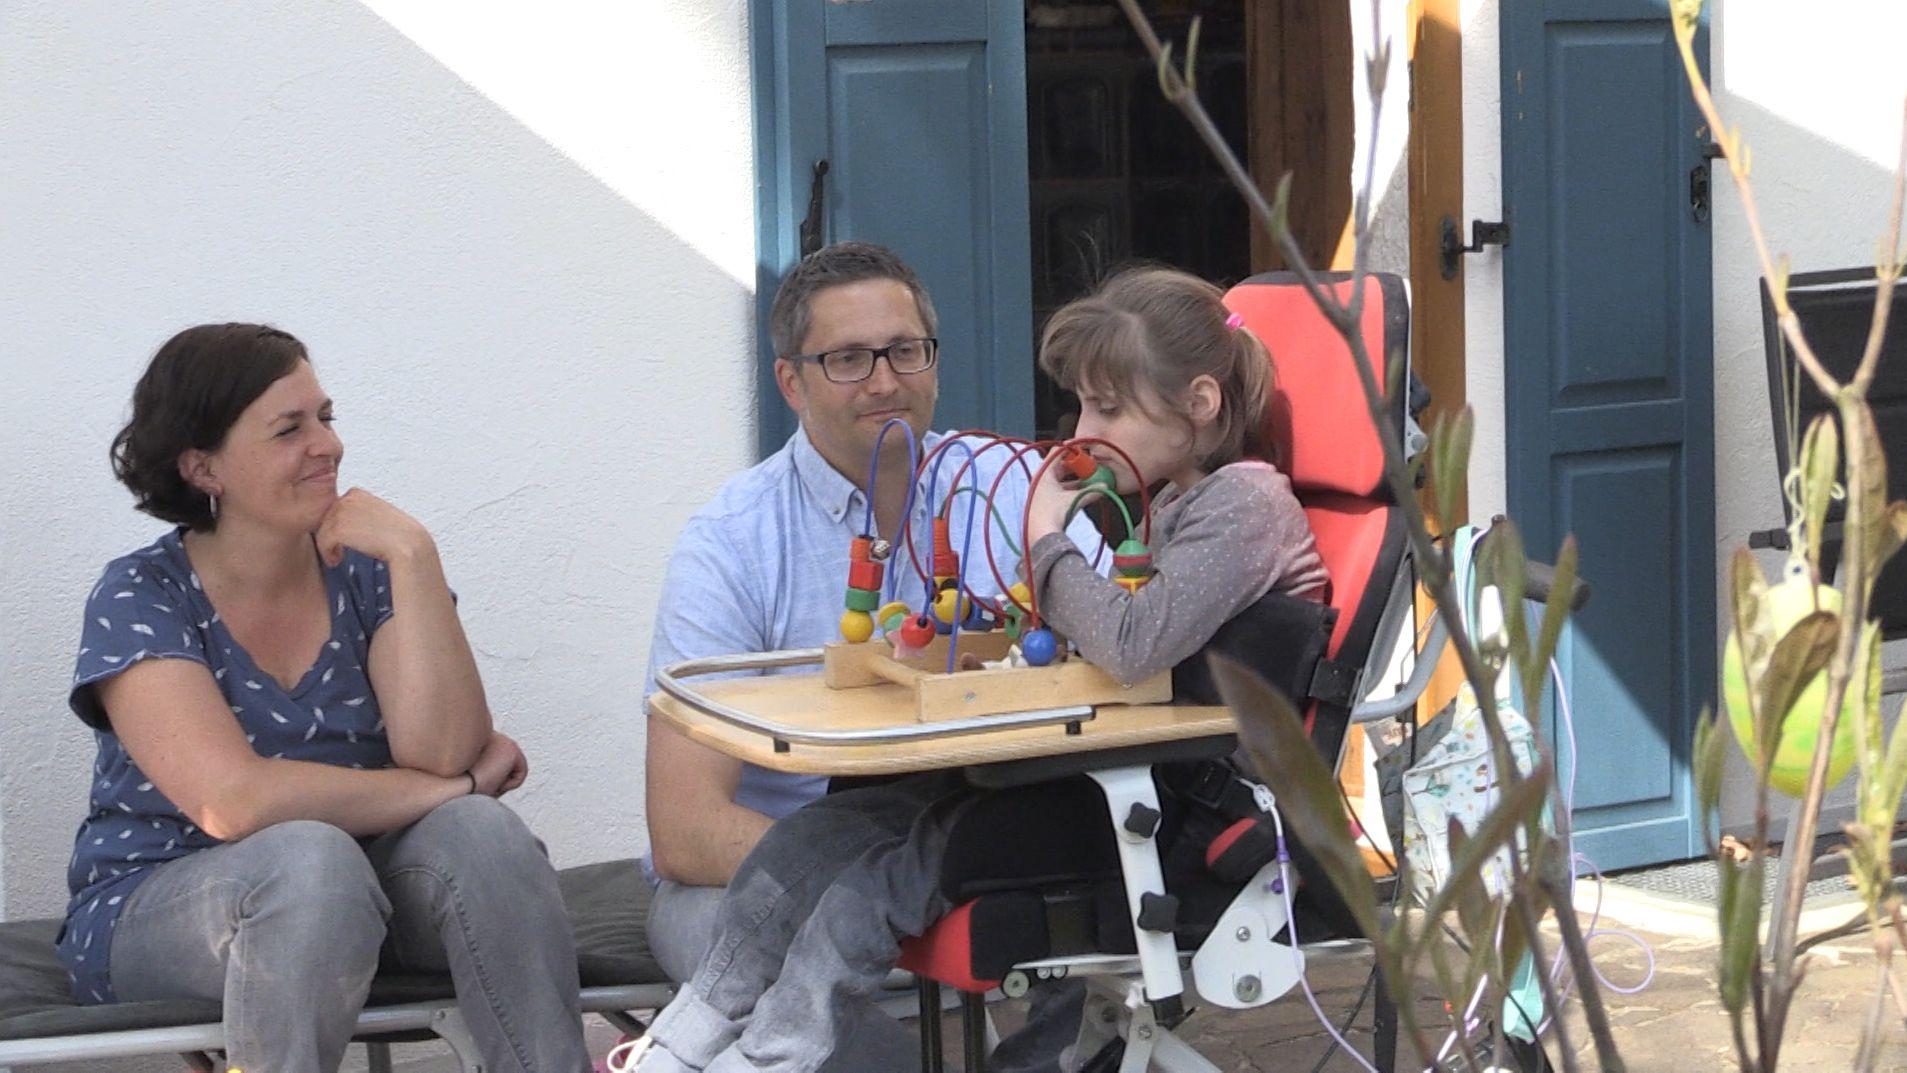 Familie Wittstadt mit der 9-jährigen Greta